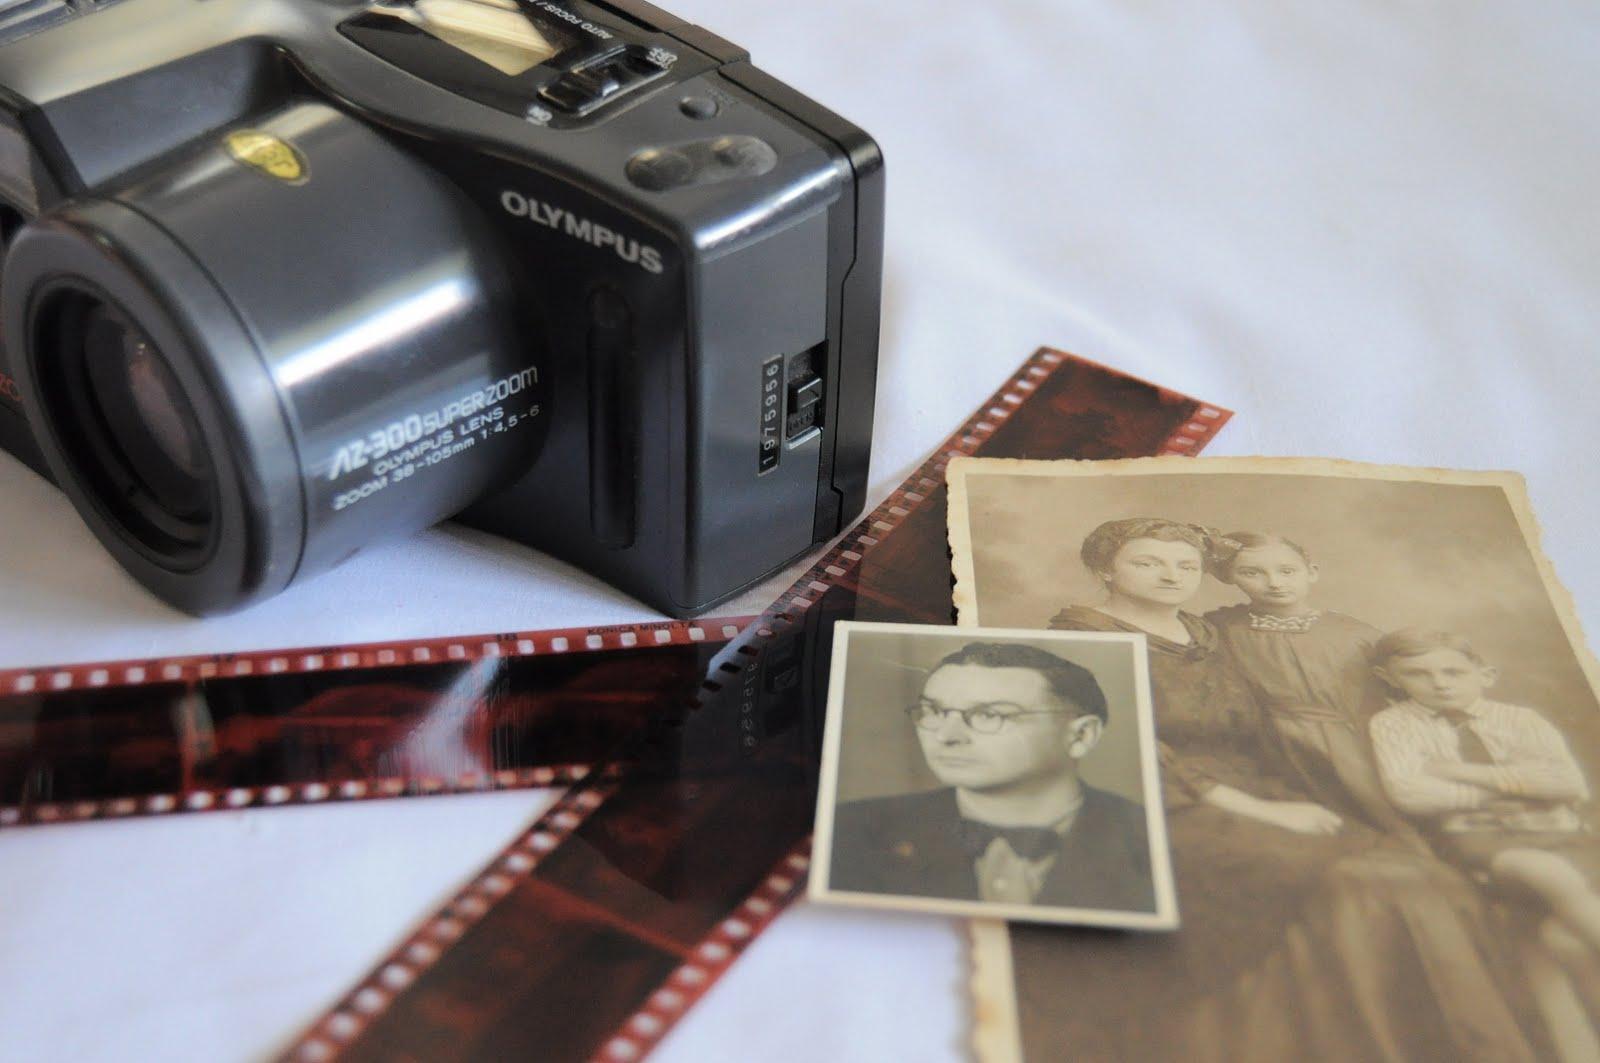 Erinnerungen Aufbewahren negativfilme scannen wertvolle persönliche erinnerungen aufbewahren